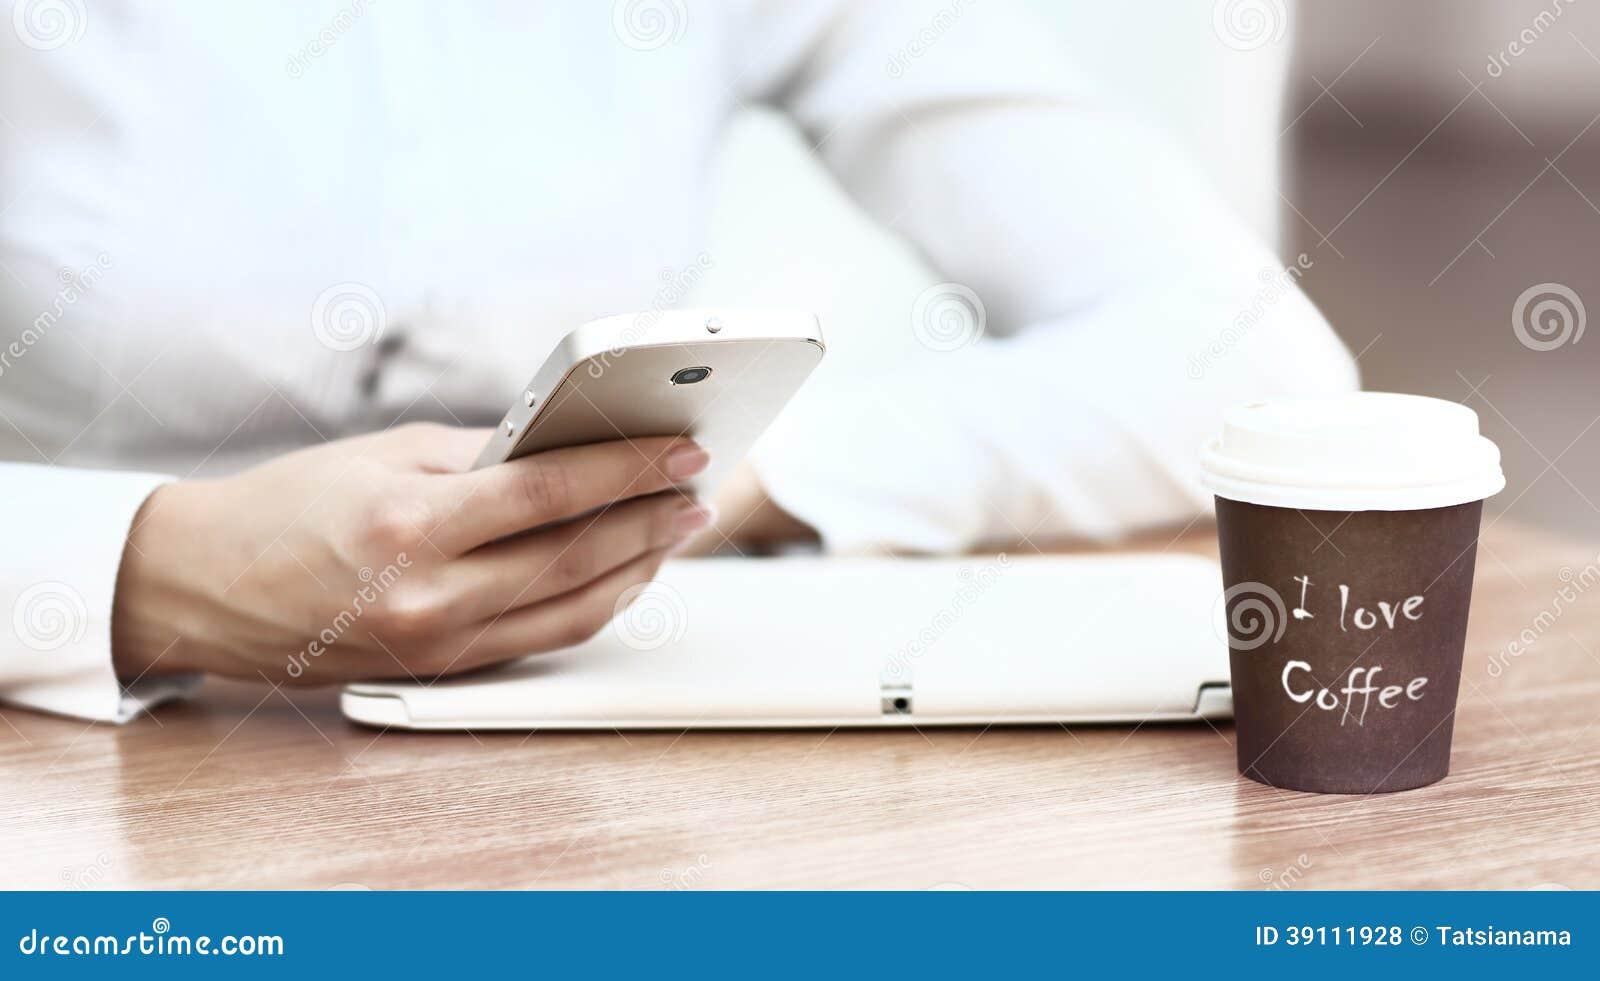 Moderne werkplaats met digitale tablet